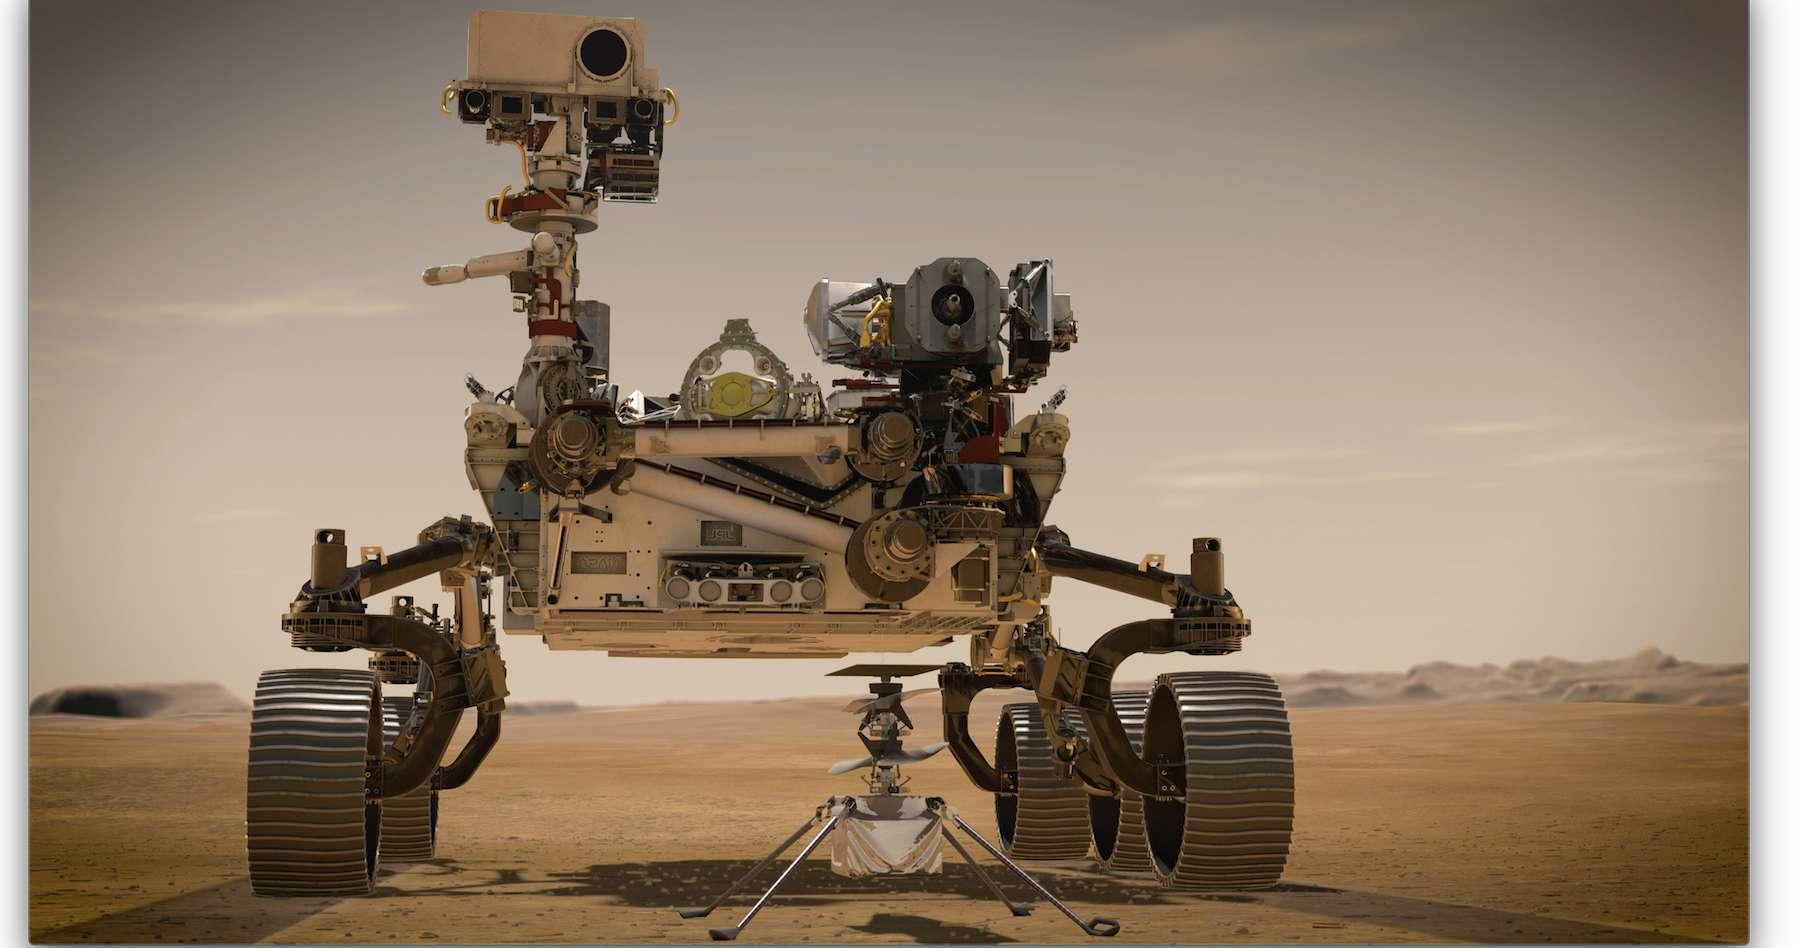 Pour accompagner l'événement du lancement de son dernier rover martien, la Nasa met en ligne un photomaton qui vous plonge dans l'ambiance. © JPL-Caltech, Nasa